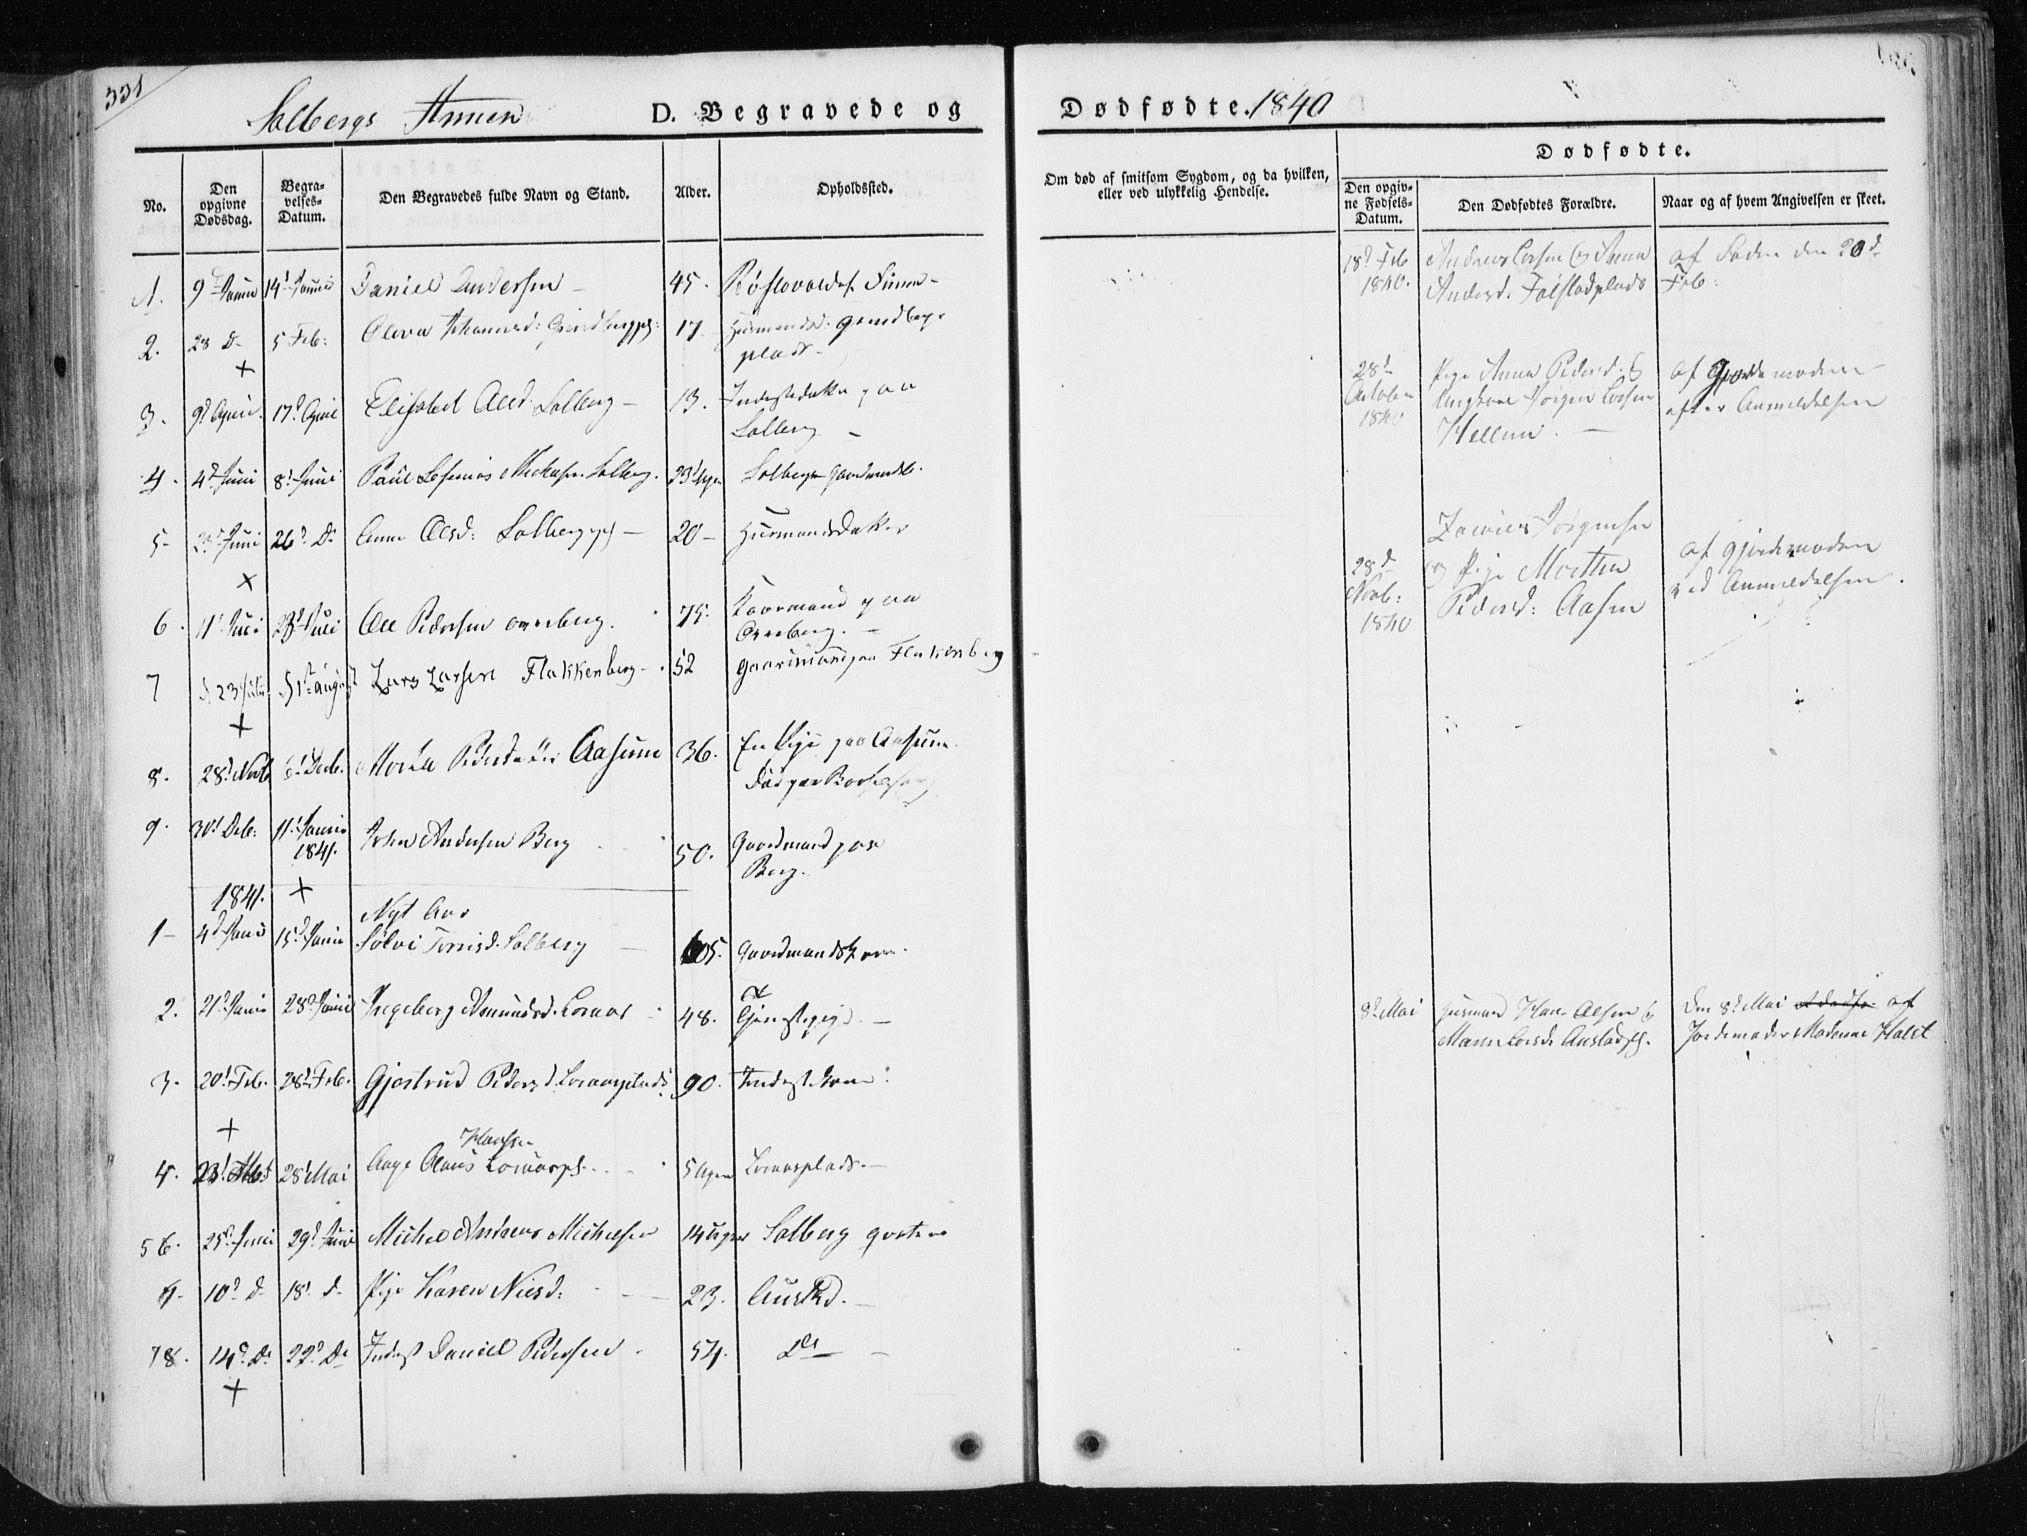 SAT, Ministerialprotokoller, klokkerbøker og fødselsregistre - Nord-Trøndelag, 730/L0280: Ministerialbok nr. 730A07 /2, 1840-1854, s. 321